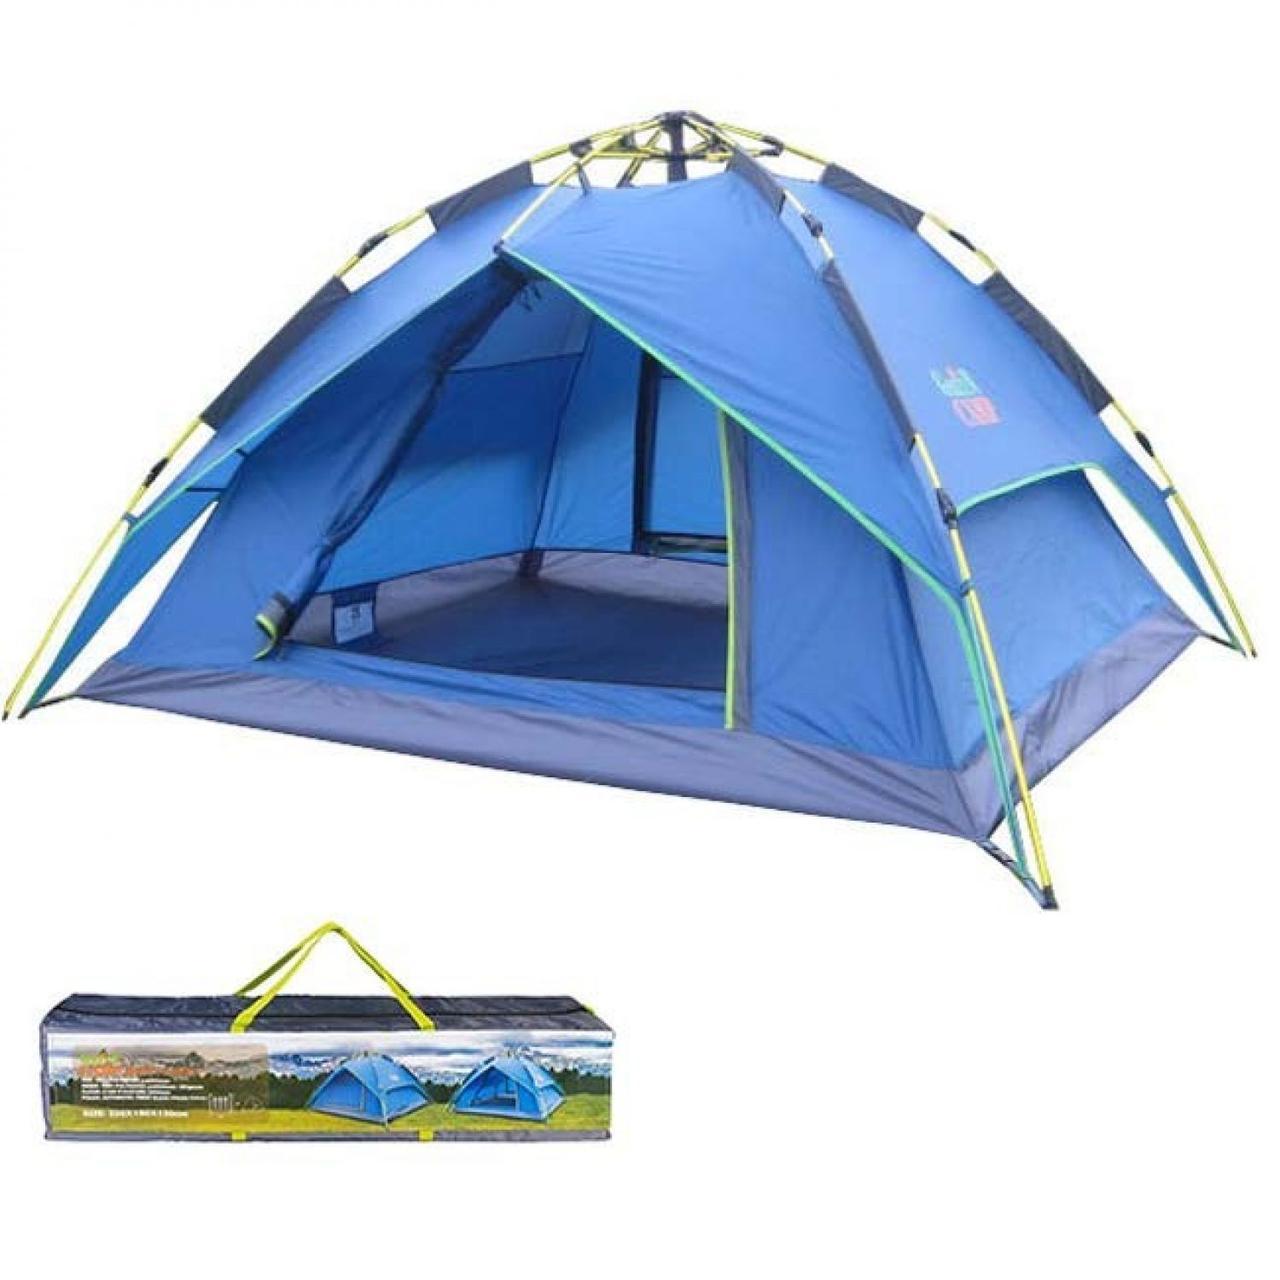 Палатка автоматическая трехместная c тентом Green Camp 1831